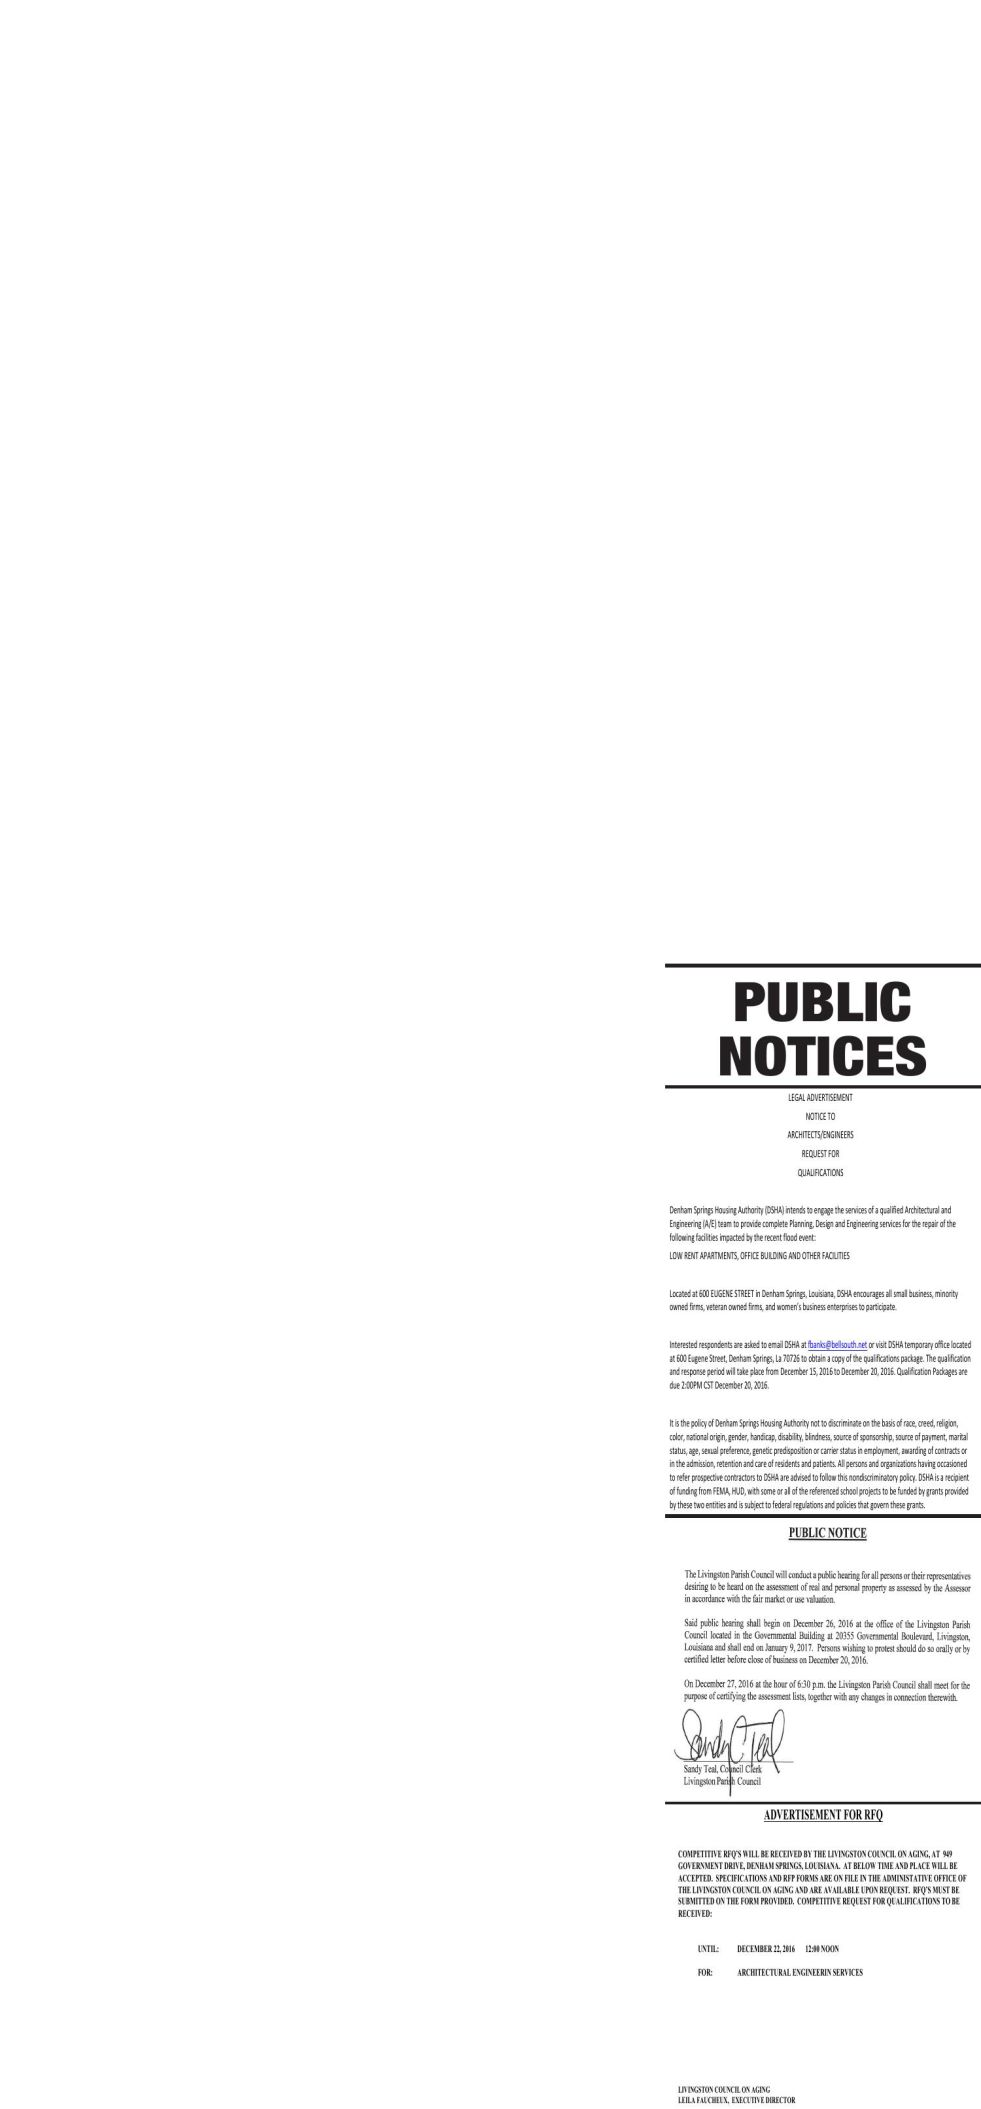 Public Notices published December 15, 2016